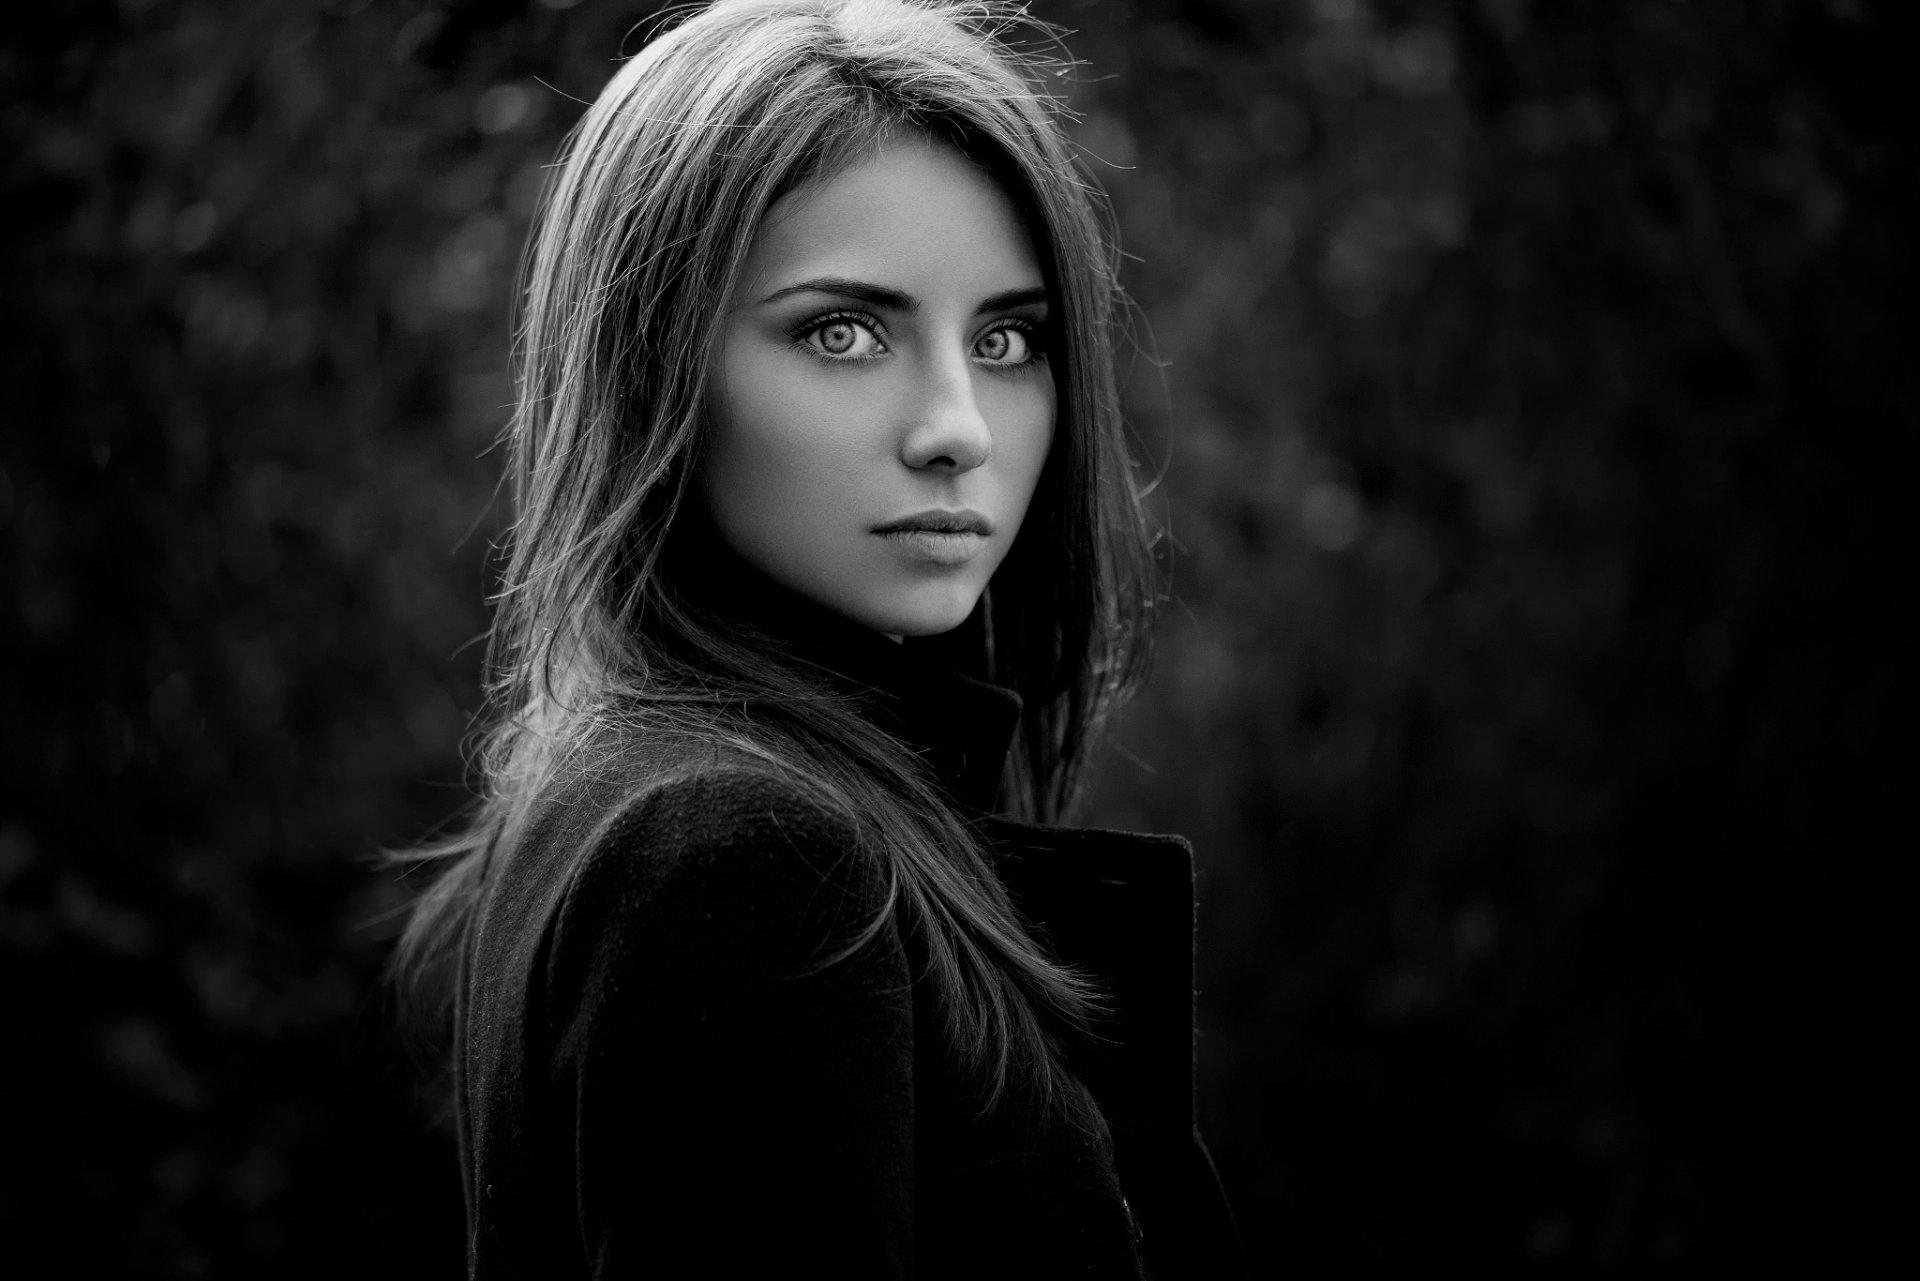 Красивые девушки фотки черно белые